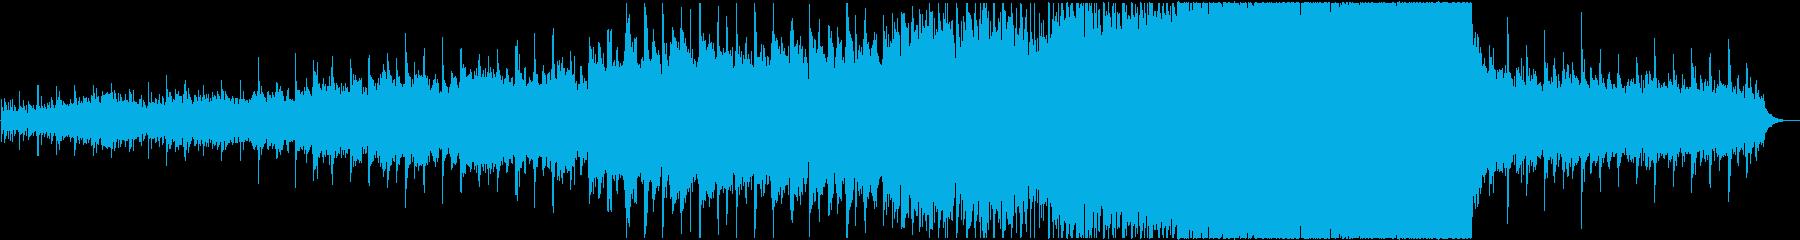 シンセサイザーやピアノを使用、感動的な曲の再生済みの波形